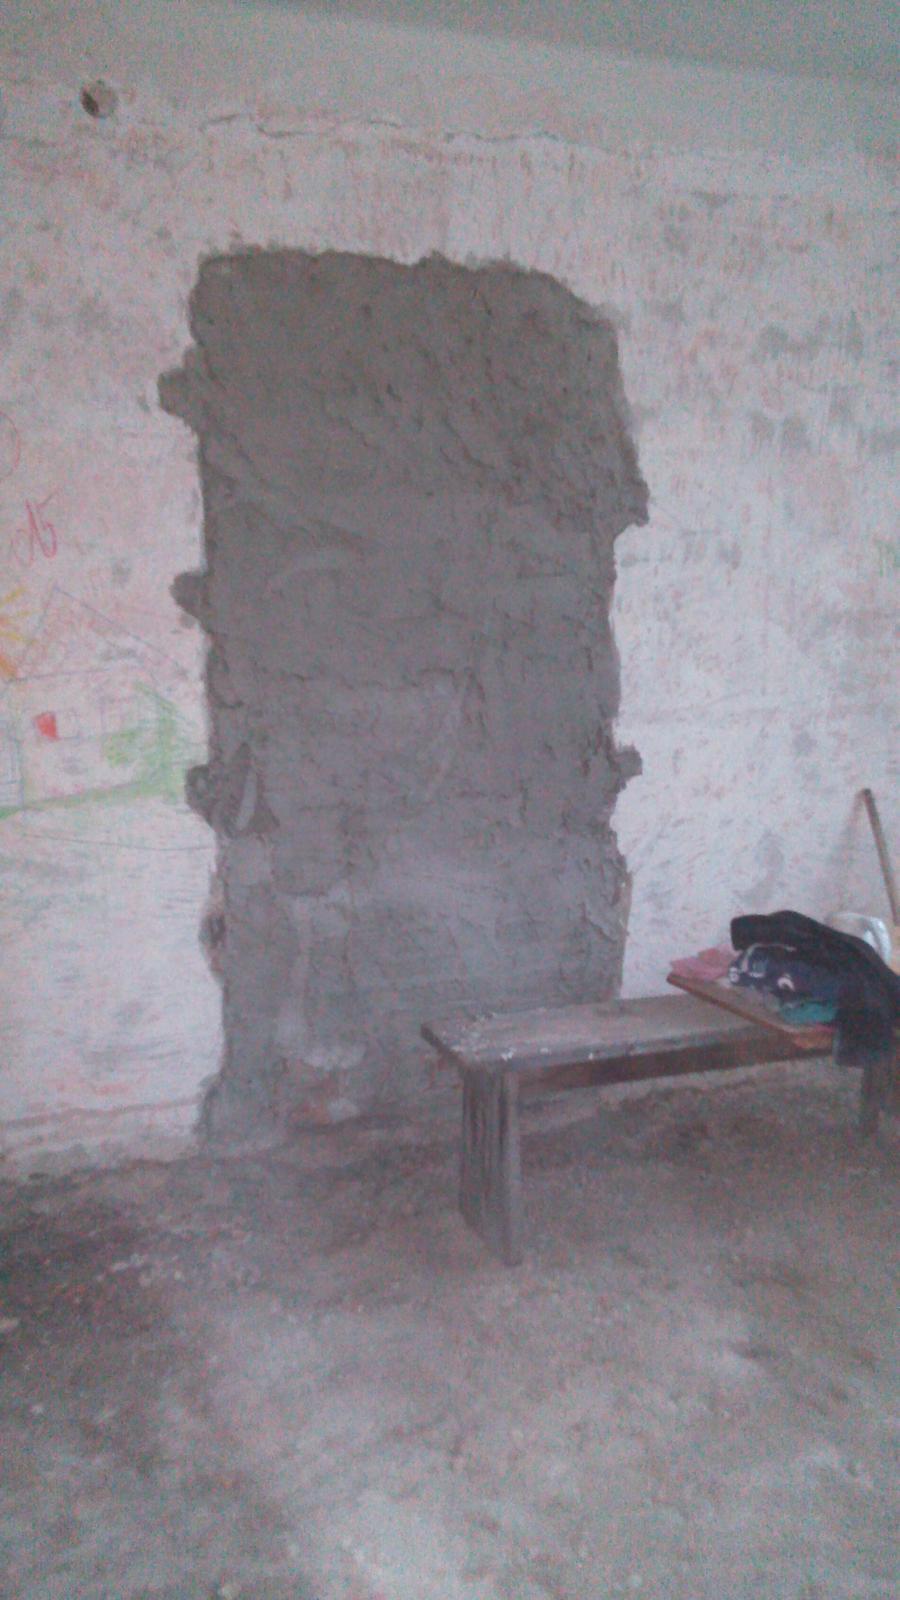 U nas DOMA   👪💟 - prechodove dvere z detskej do spalne su uz minulost